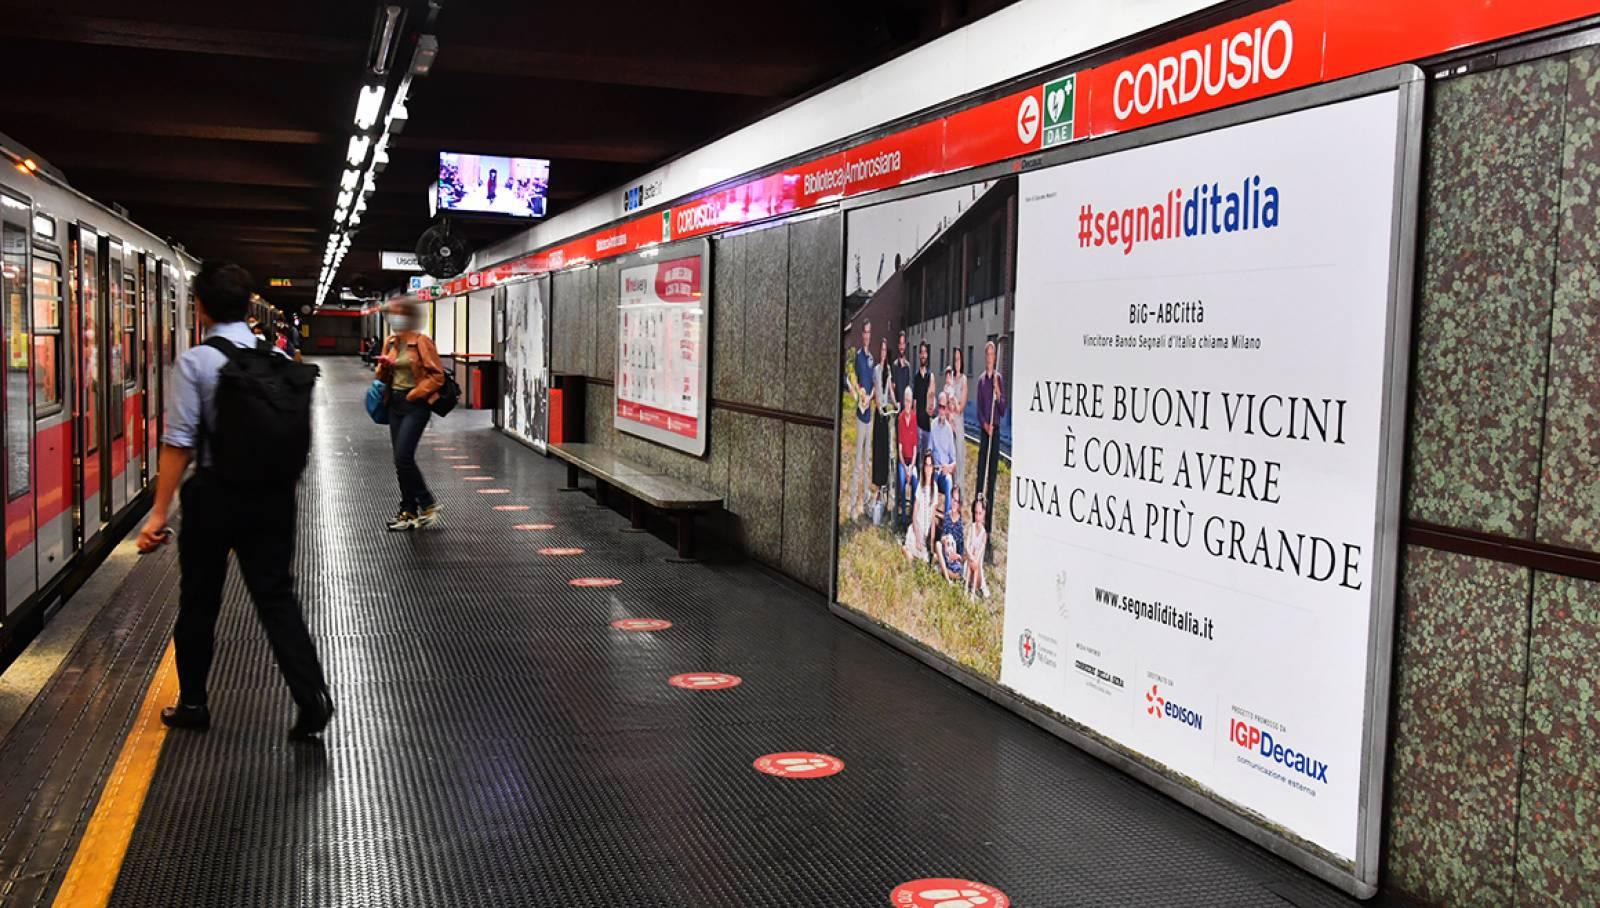 Pubblicità in metropolitana IGPDecaux Milano Circuito Maxi per big AbCittà bando Segnali d'Italia